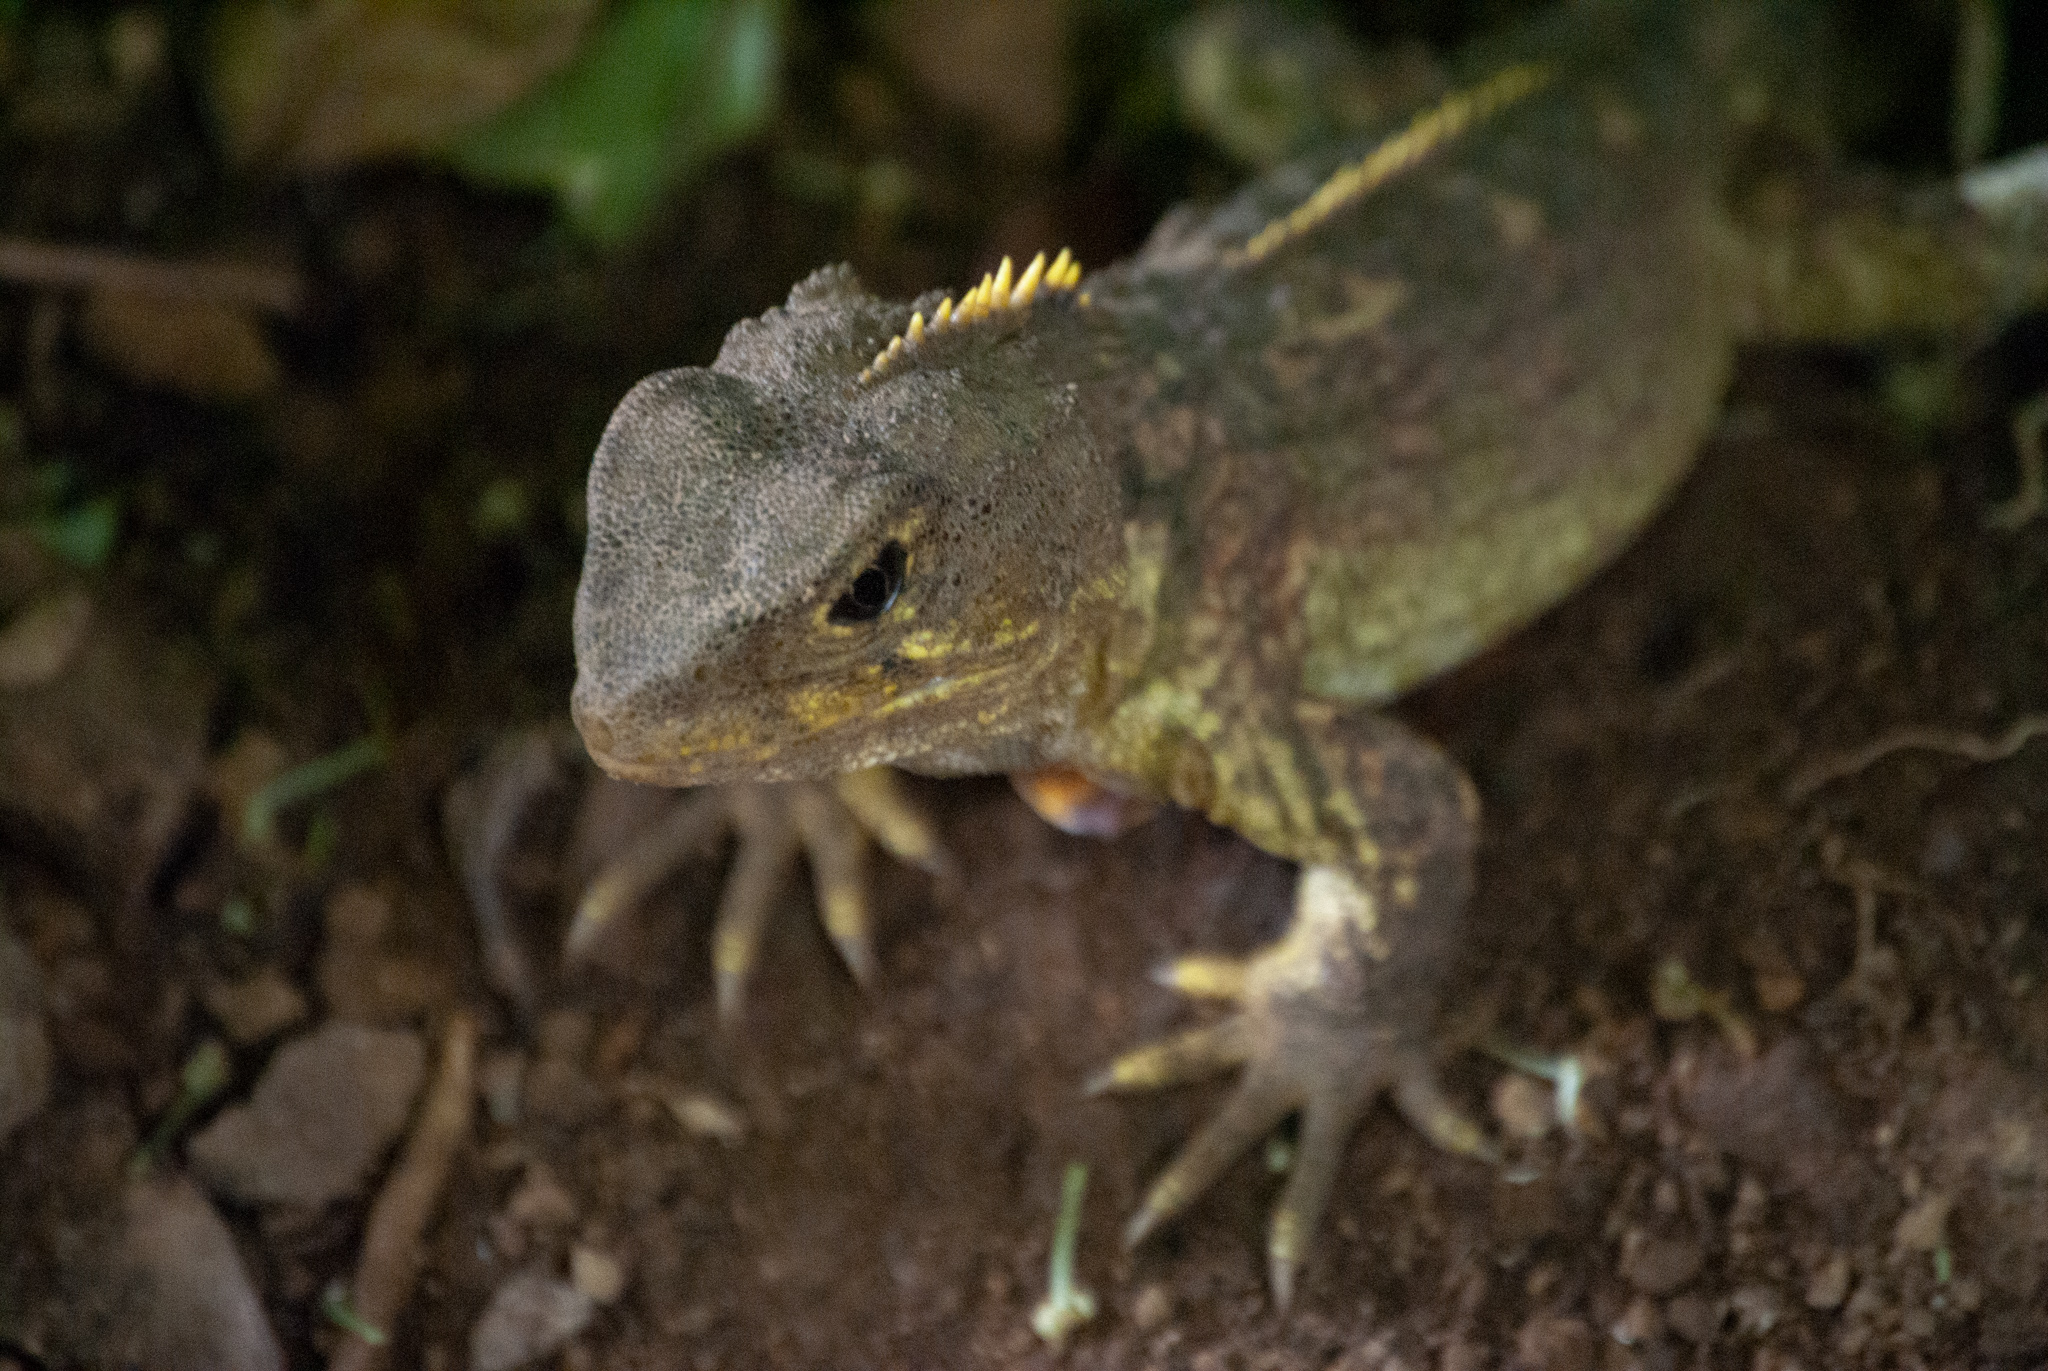 Echse im Zealandia Naturschutzreservoir